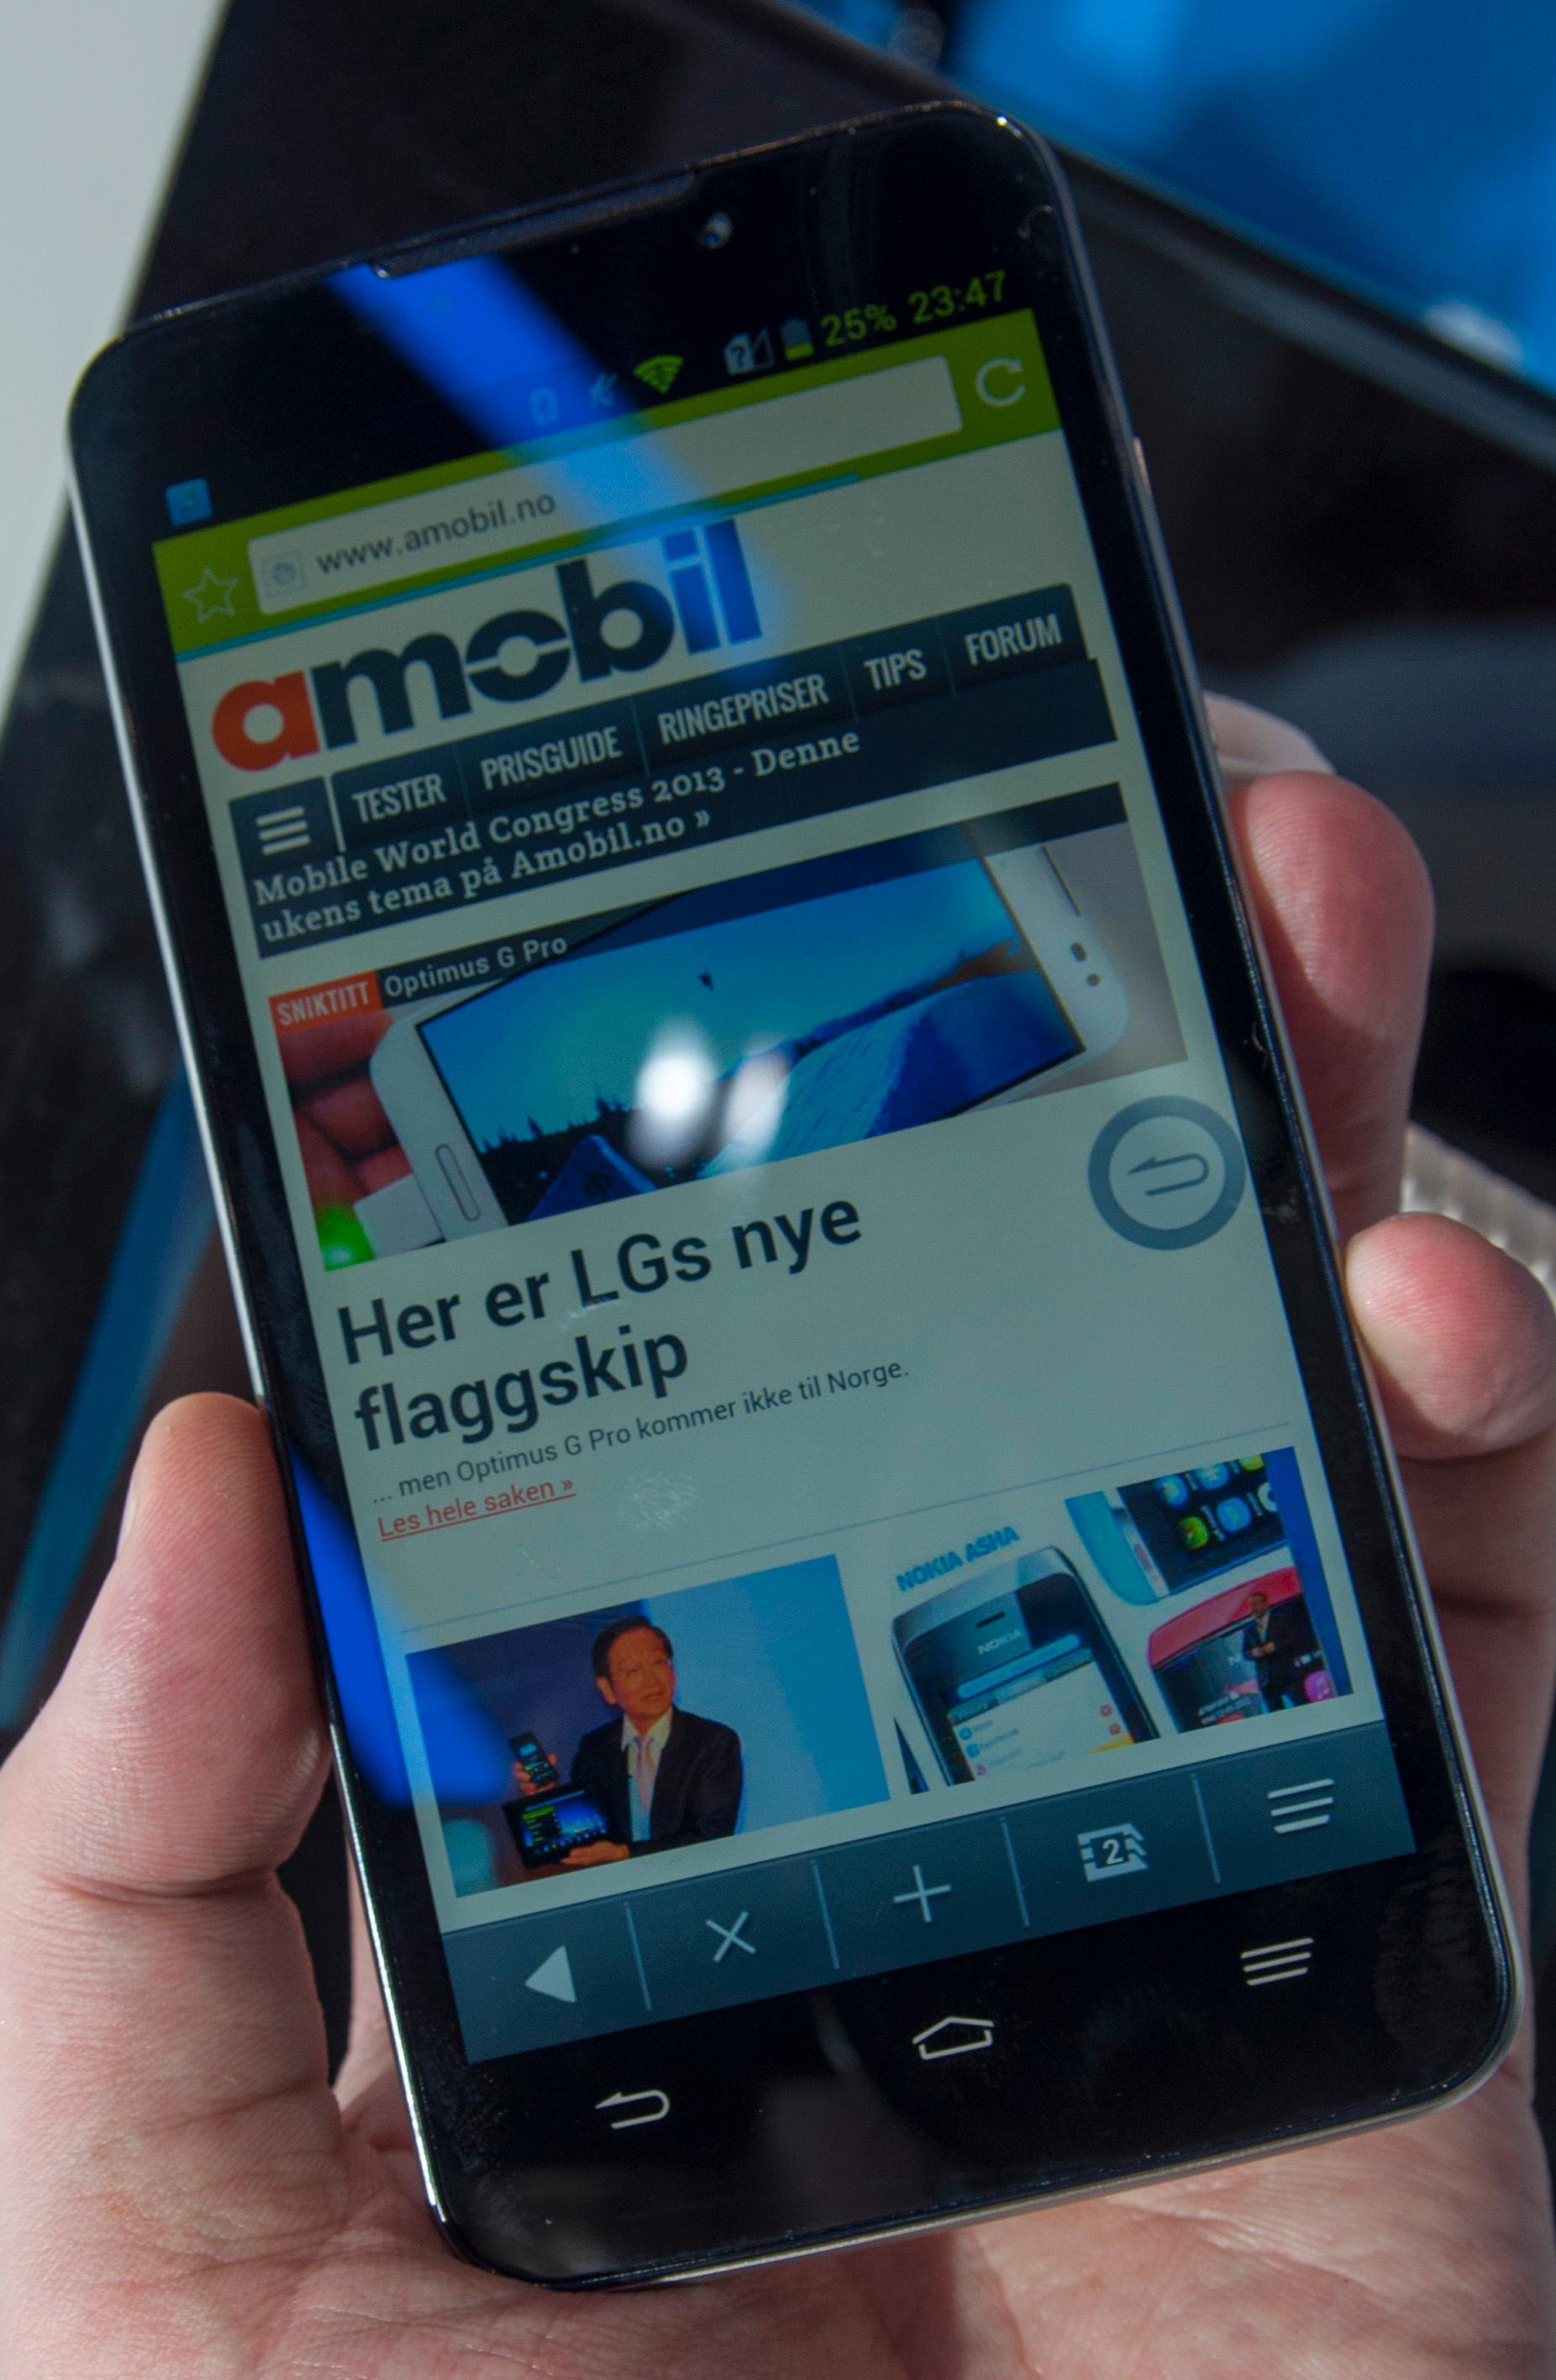 Vi åpnet Amobil i den vanlige nettleseren. Her går det raskt og greit, og scrollingen er myk og presis.